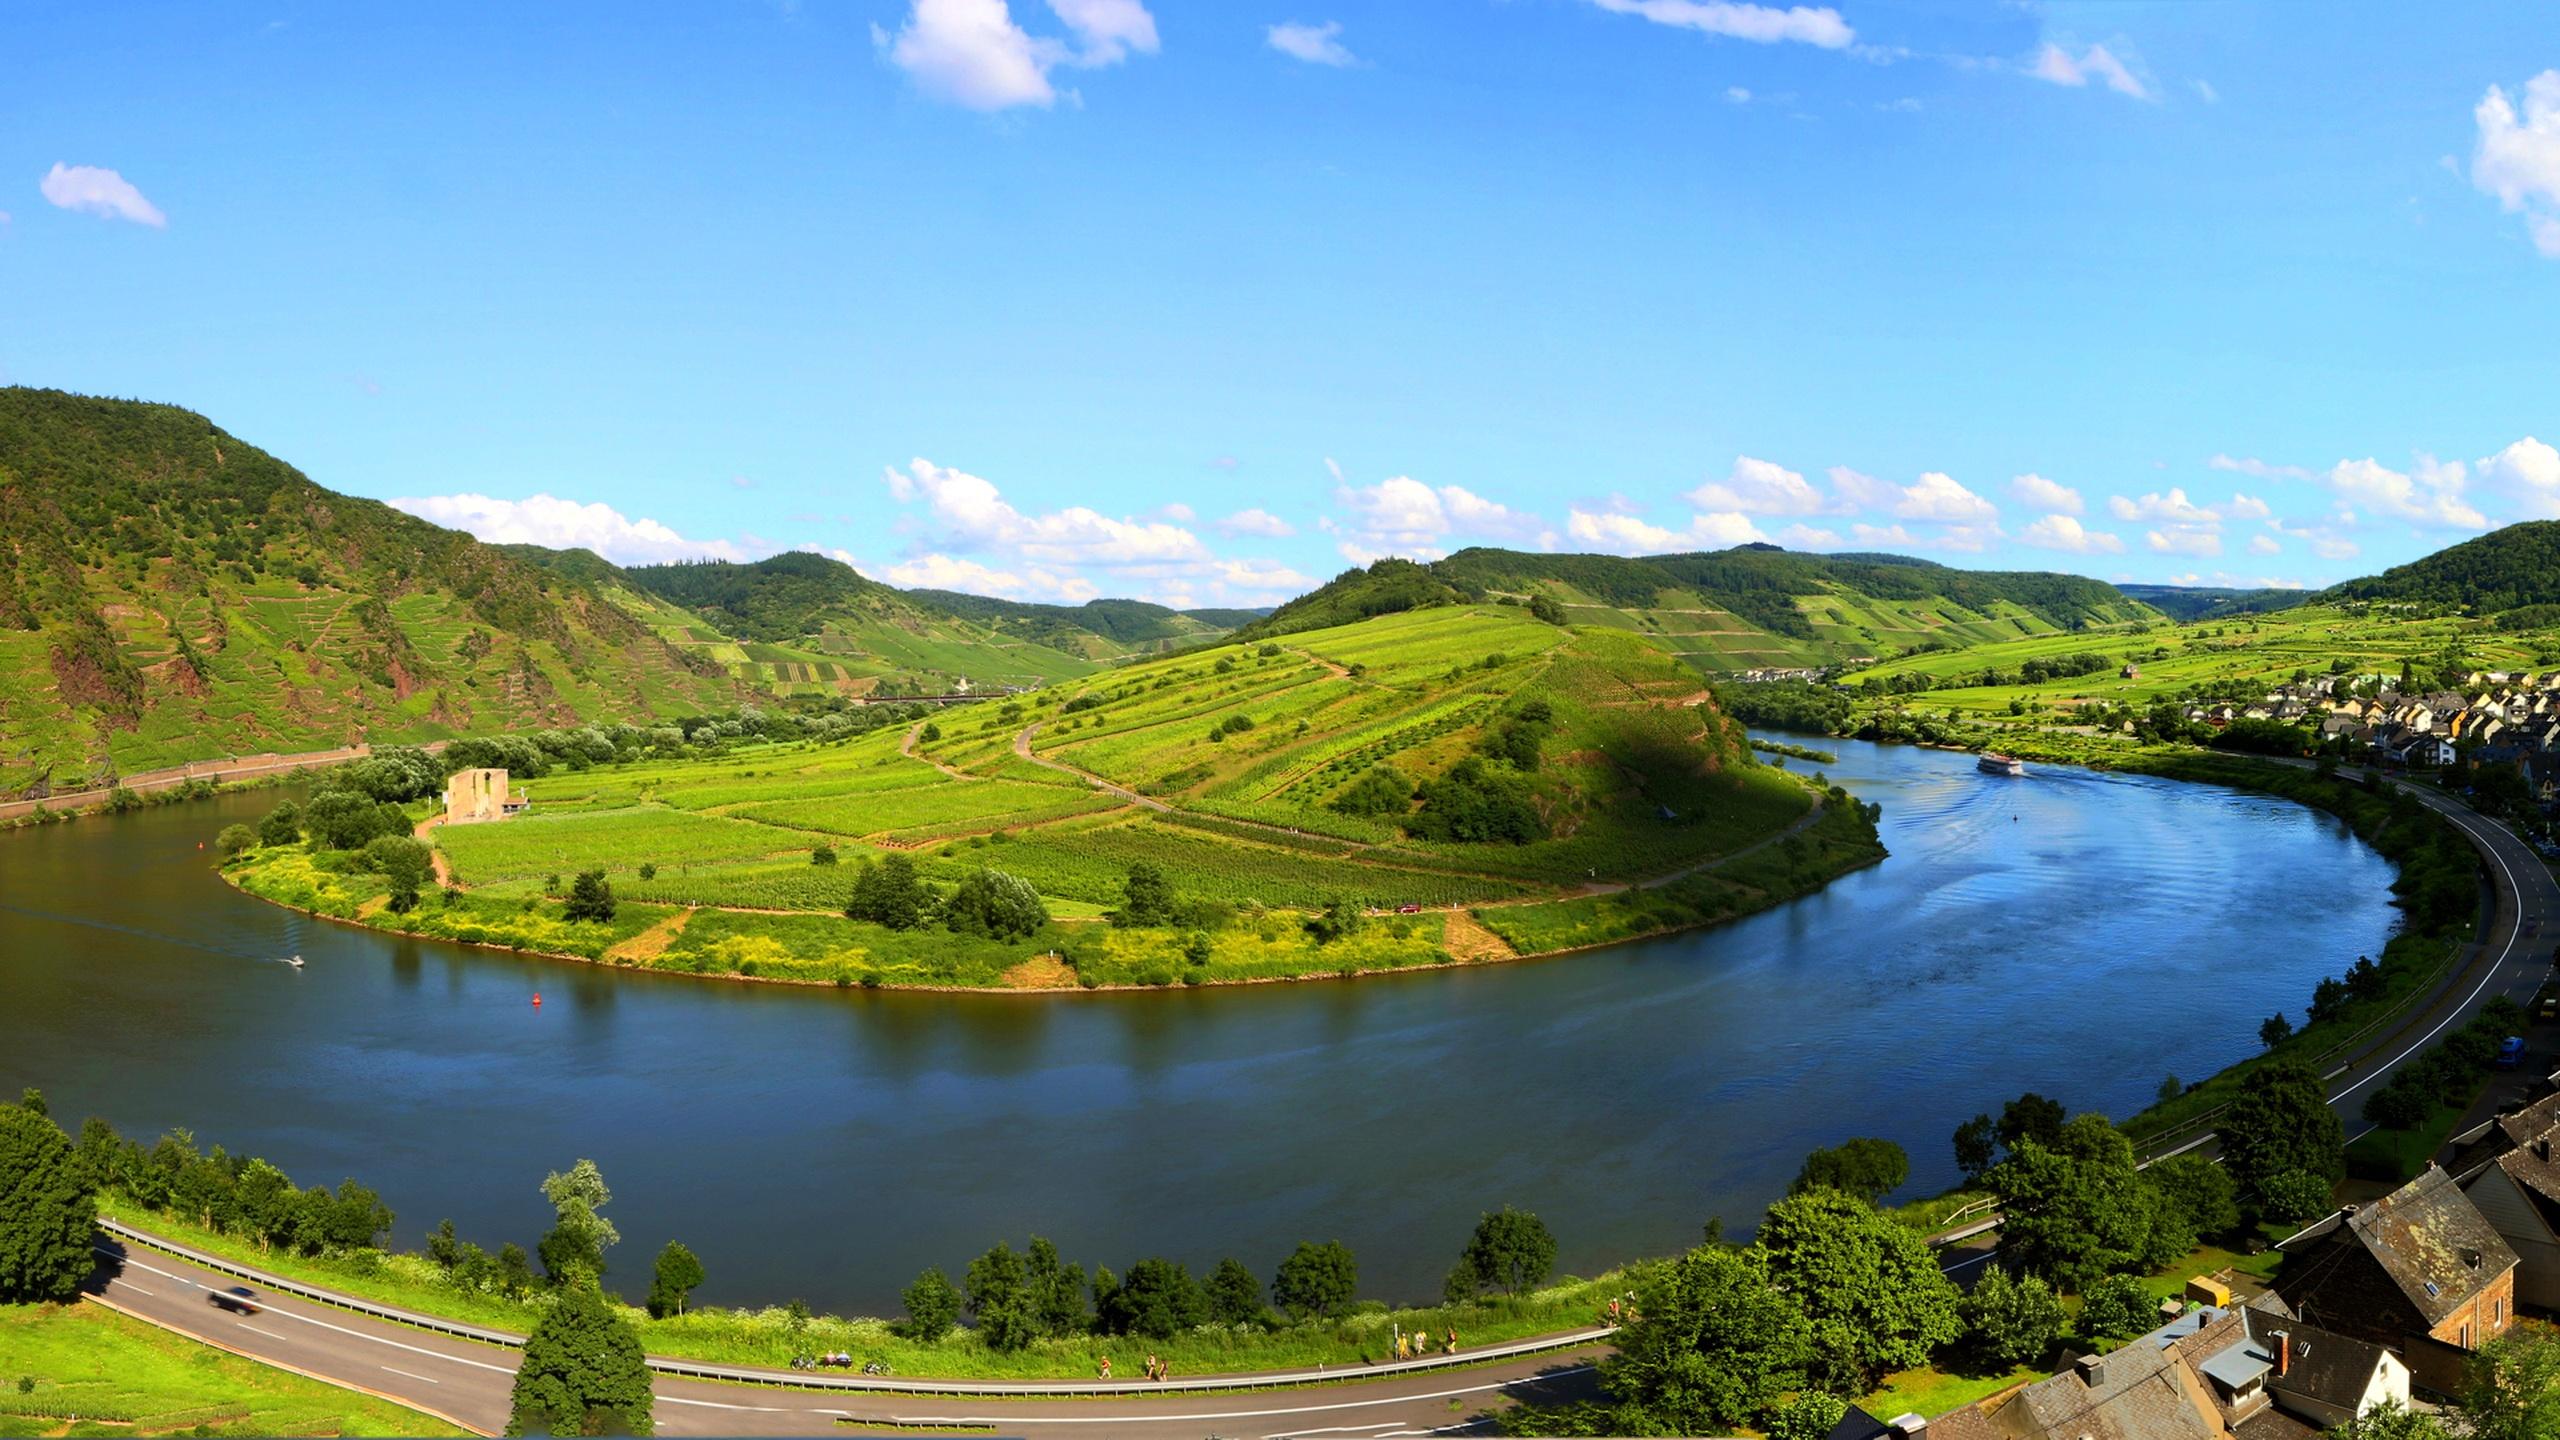 Fonds d 39 cran t l charger 2560x1440 beau paysage en for Fond ecran qhd